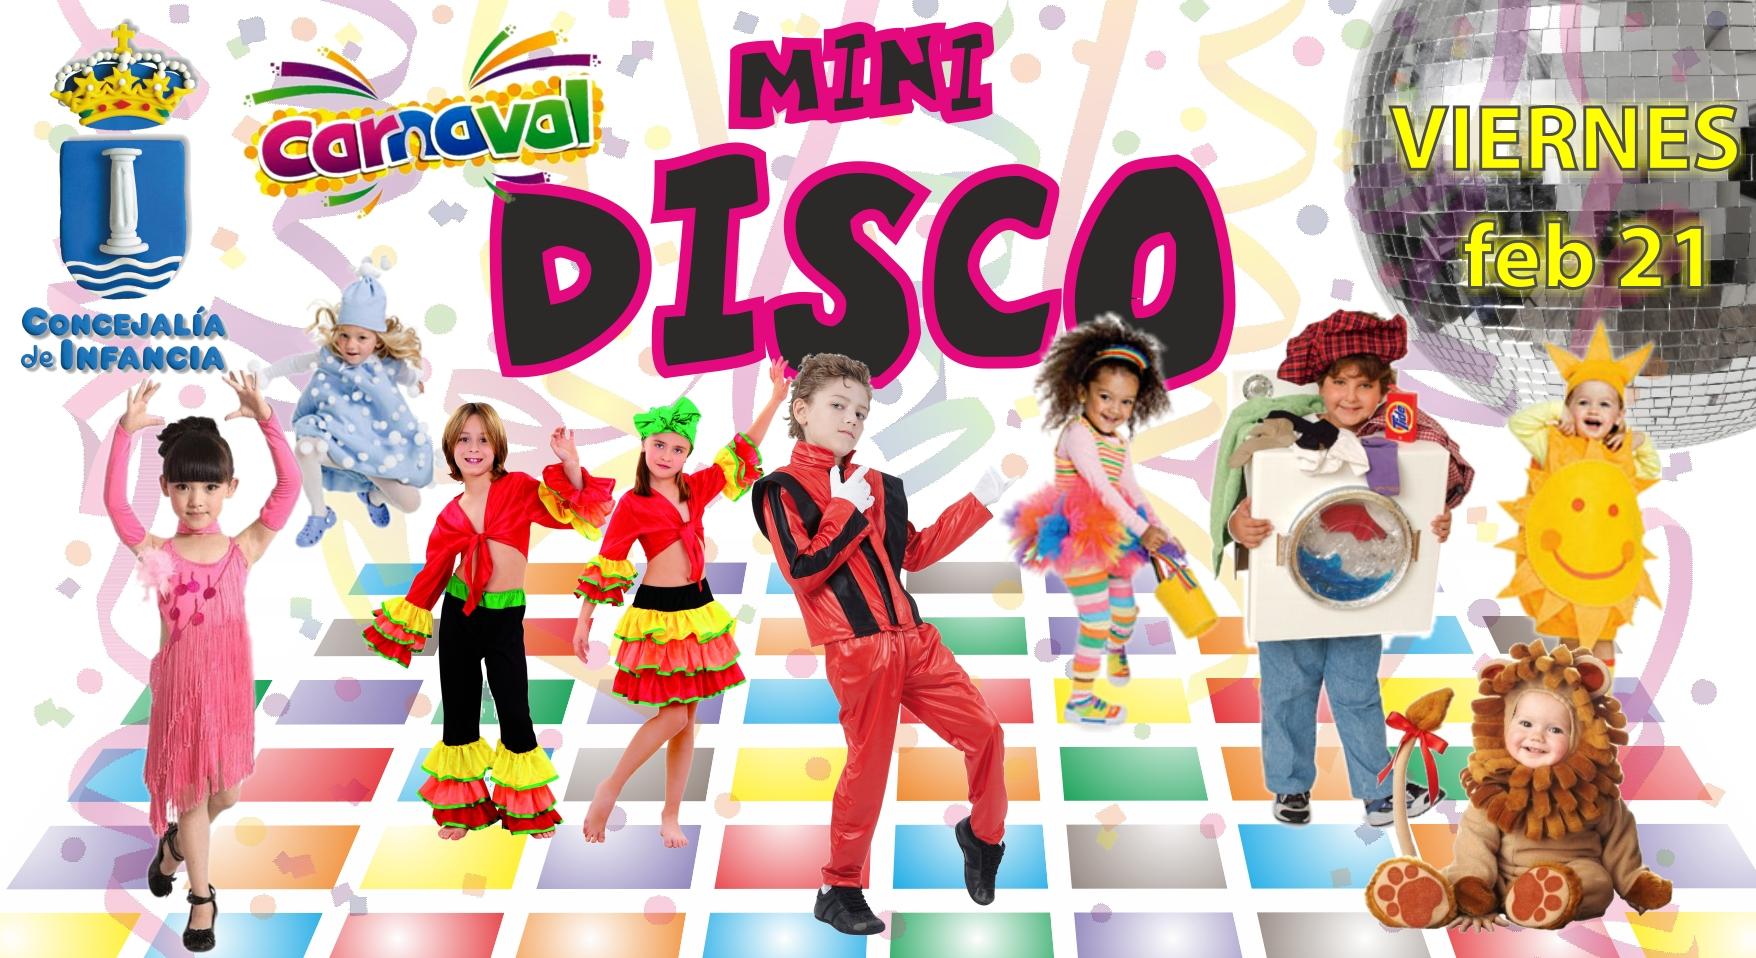 Infancia organiza una mini-disco «Carnaval» y  concurso de disfraces, para menores de 9 años.